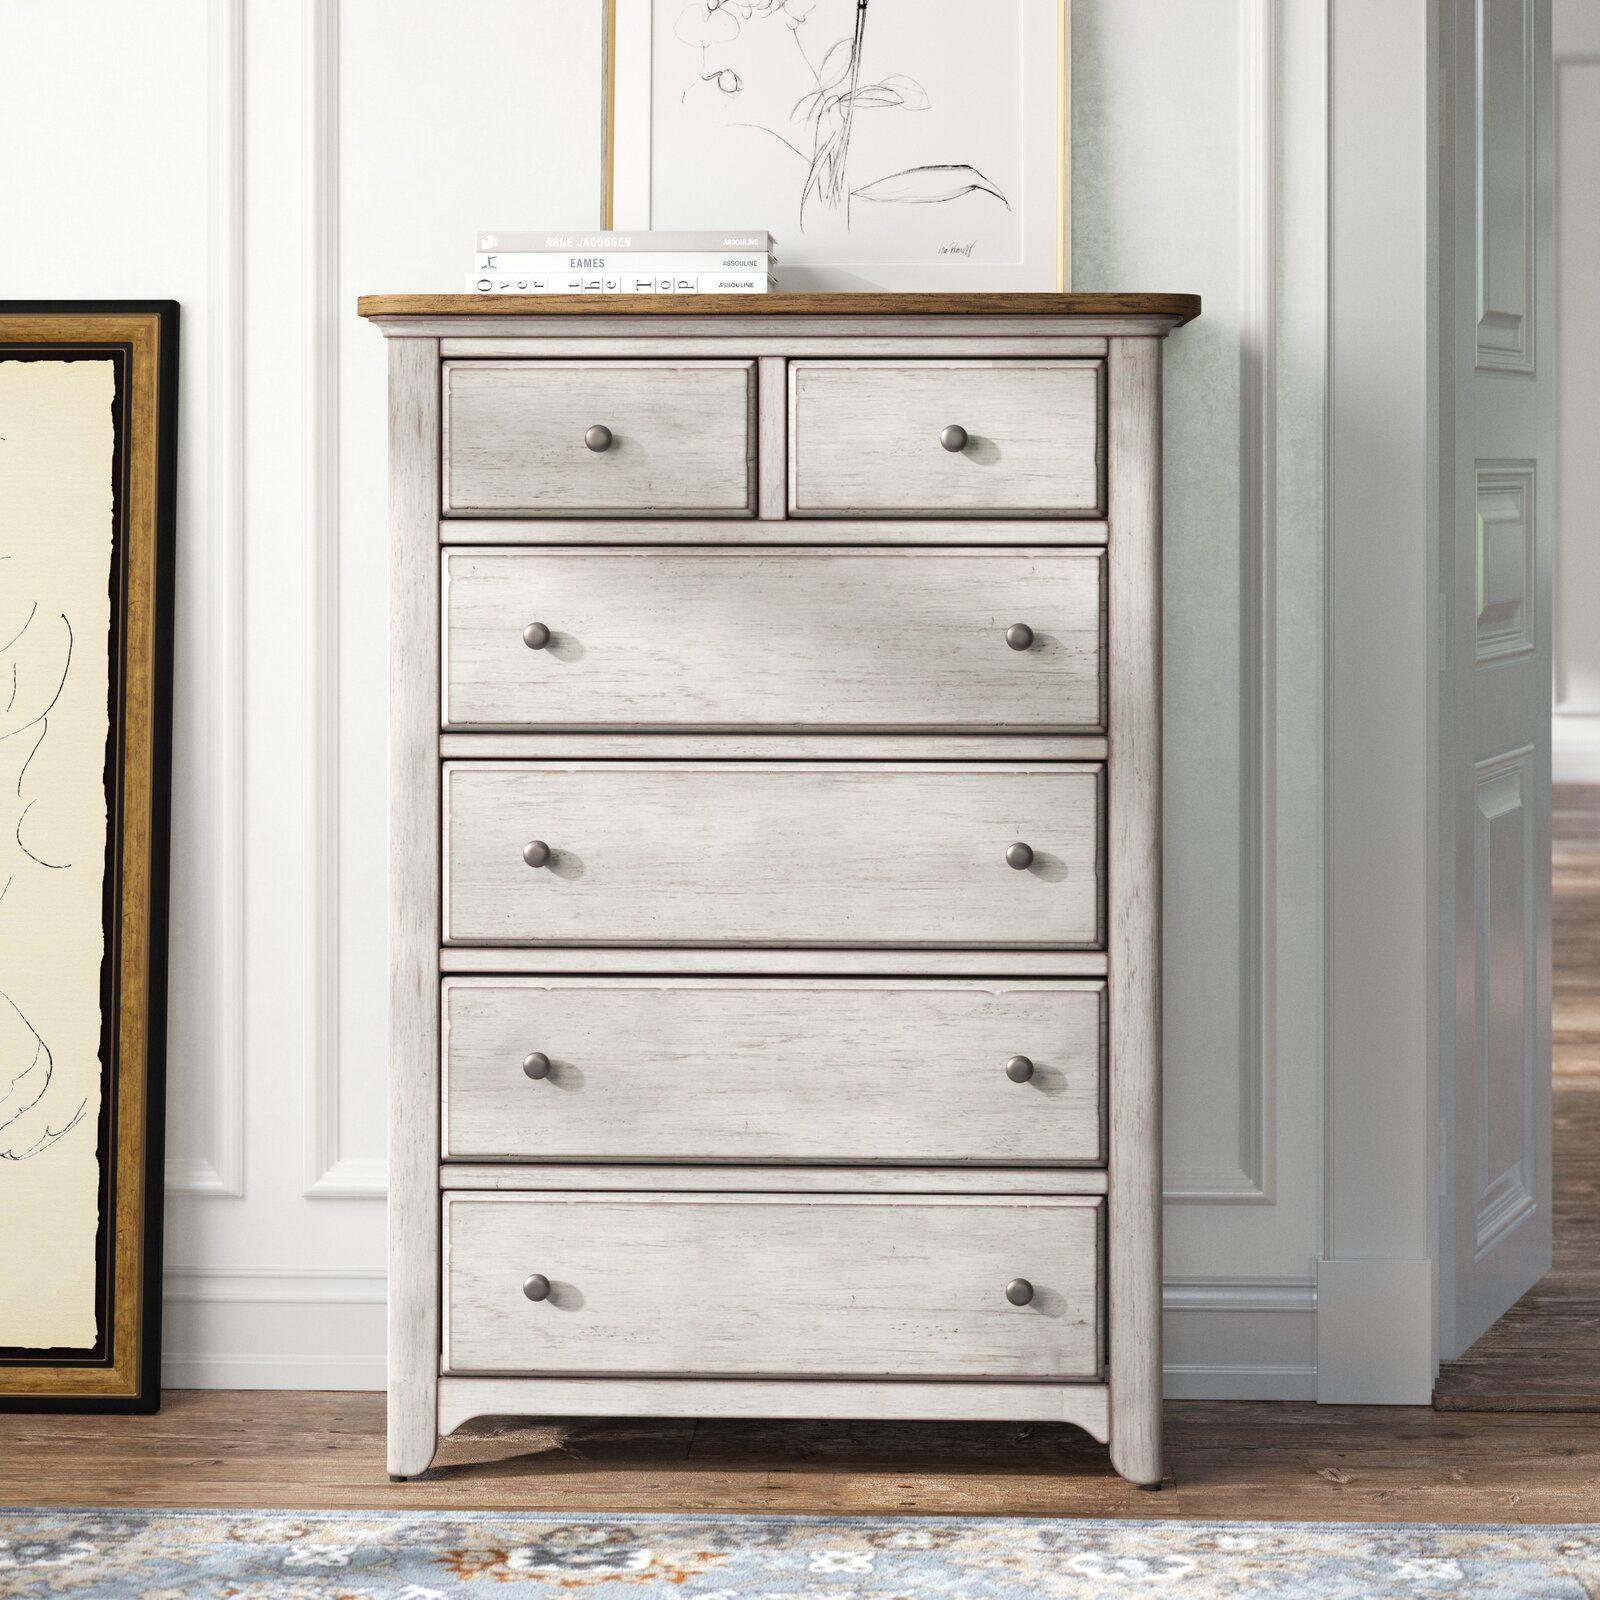 Ayden 5 Drawer Chest In 2021 Drawers 5 Drawer Chest Dresser [ 1600 x 1600 Pixel ]